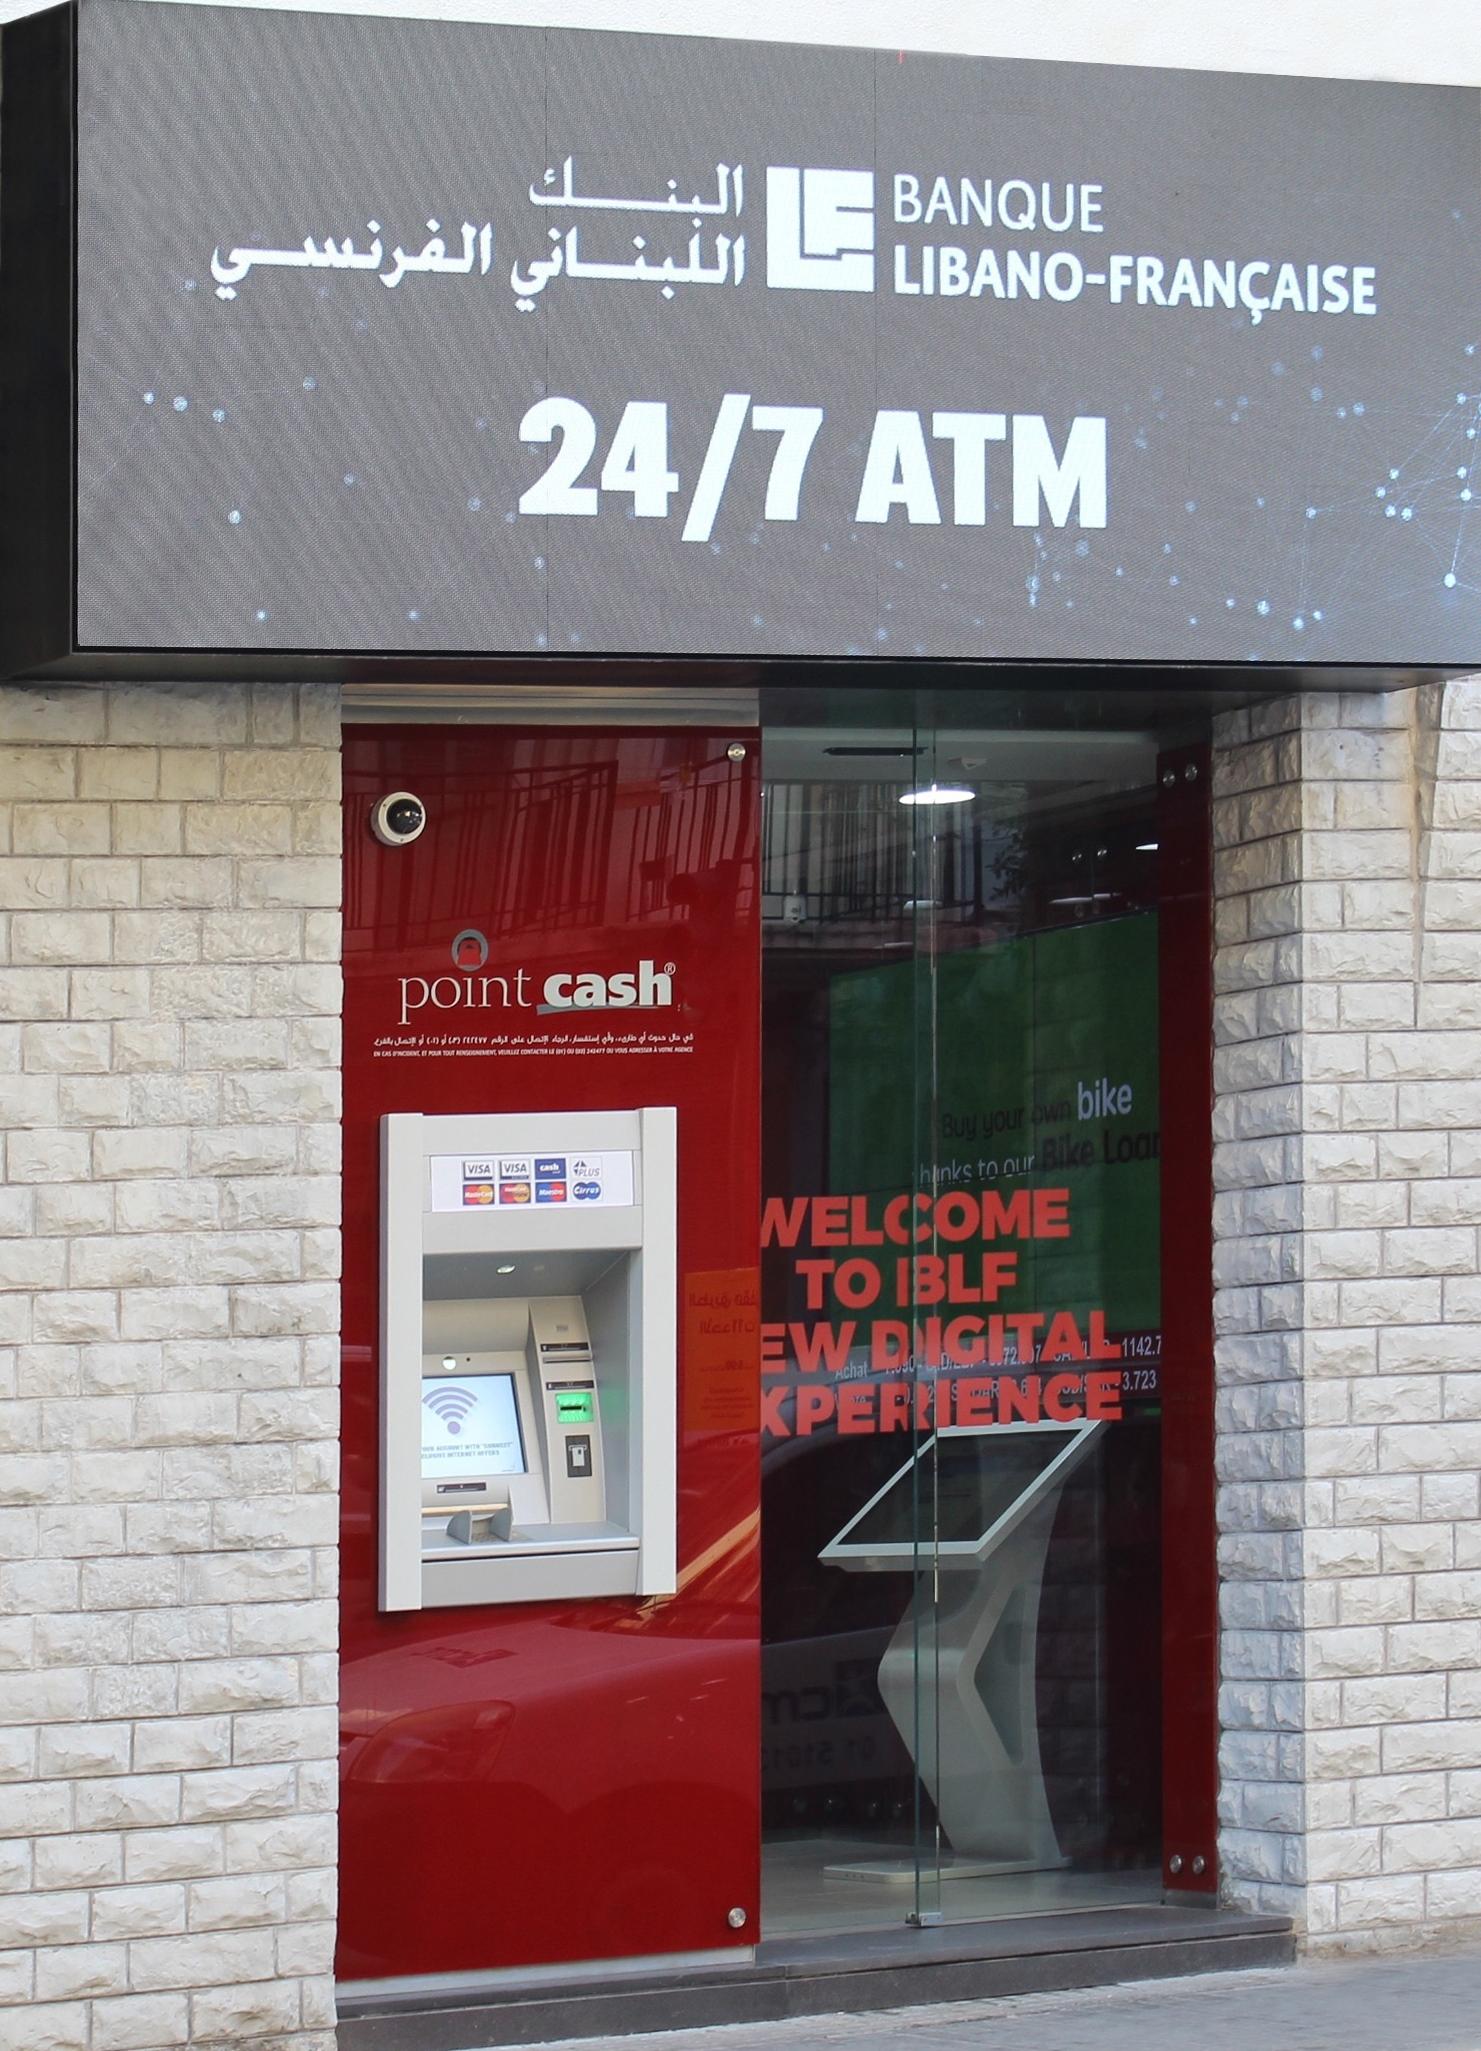 البنك اللبناني الفرنسي يقدّم تجربة رقمية جديدة